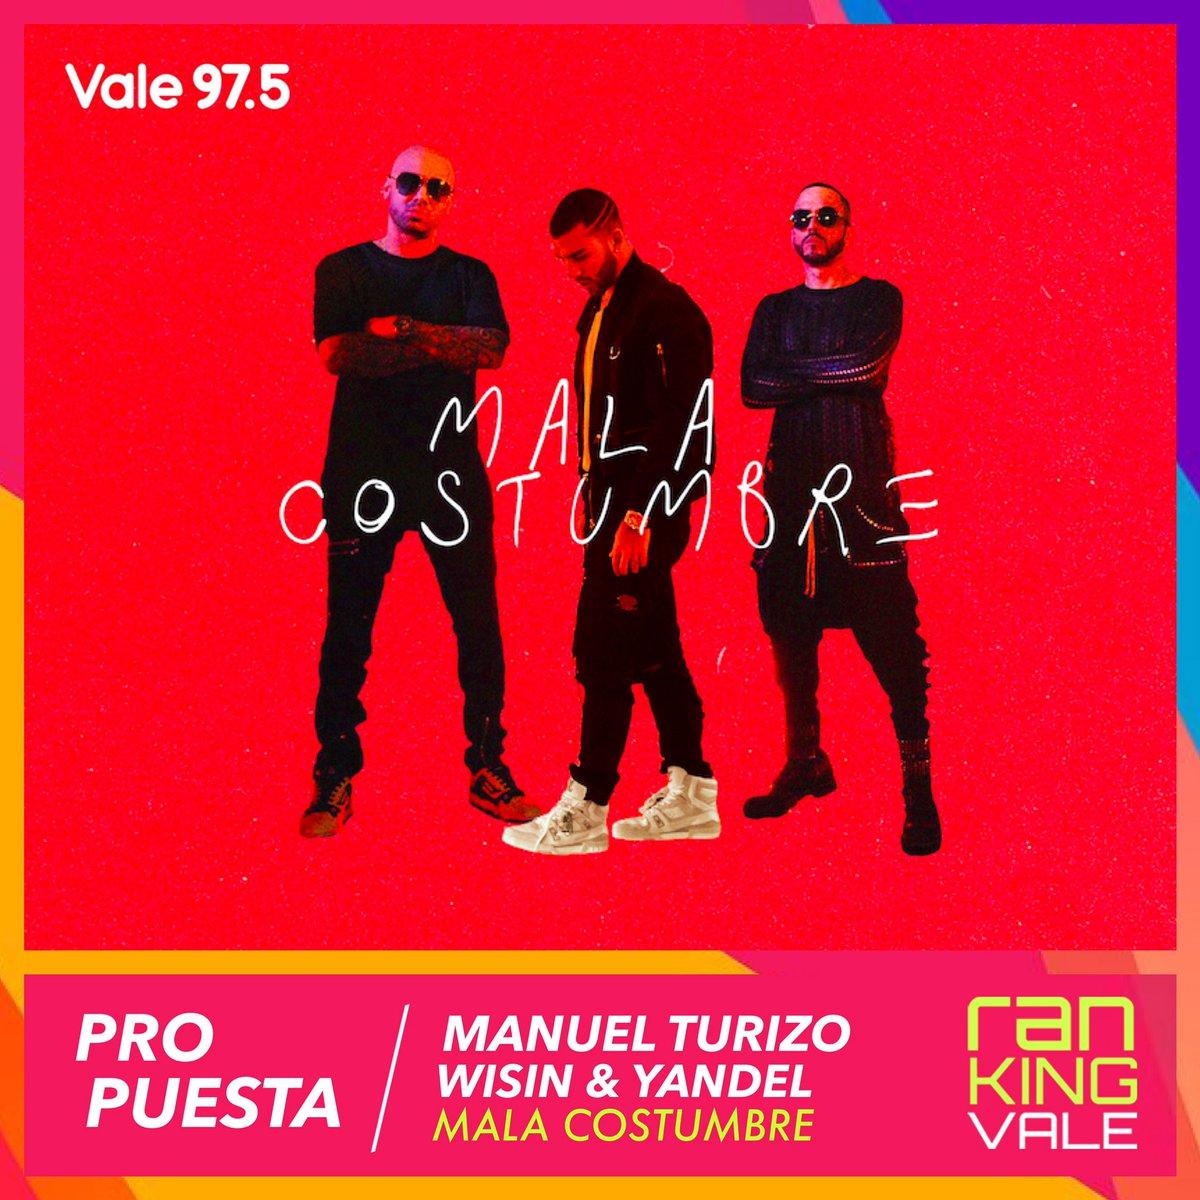 PROPUESTA | @ManuelTurizoMTZ junto a @wisinyyandel se unieron para hacer #MalaCostumbre! Votala para que ingrese al #RankingVale 🎉